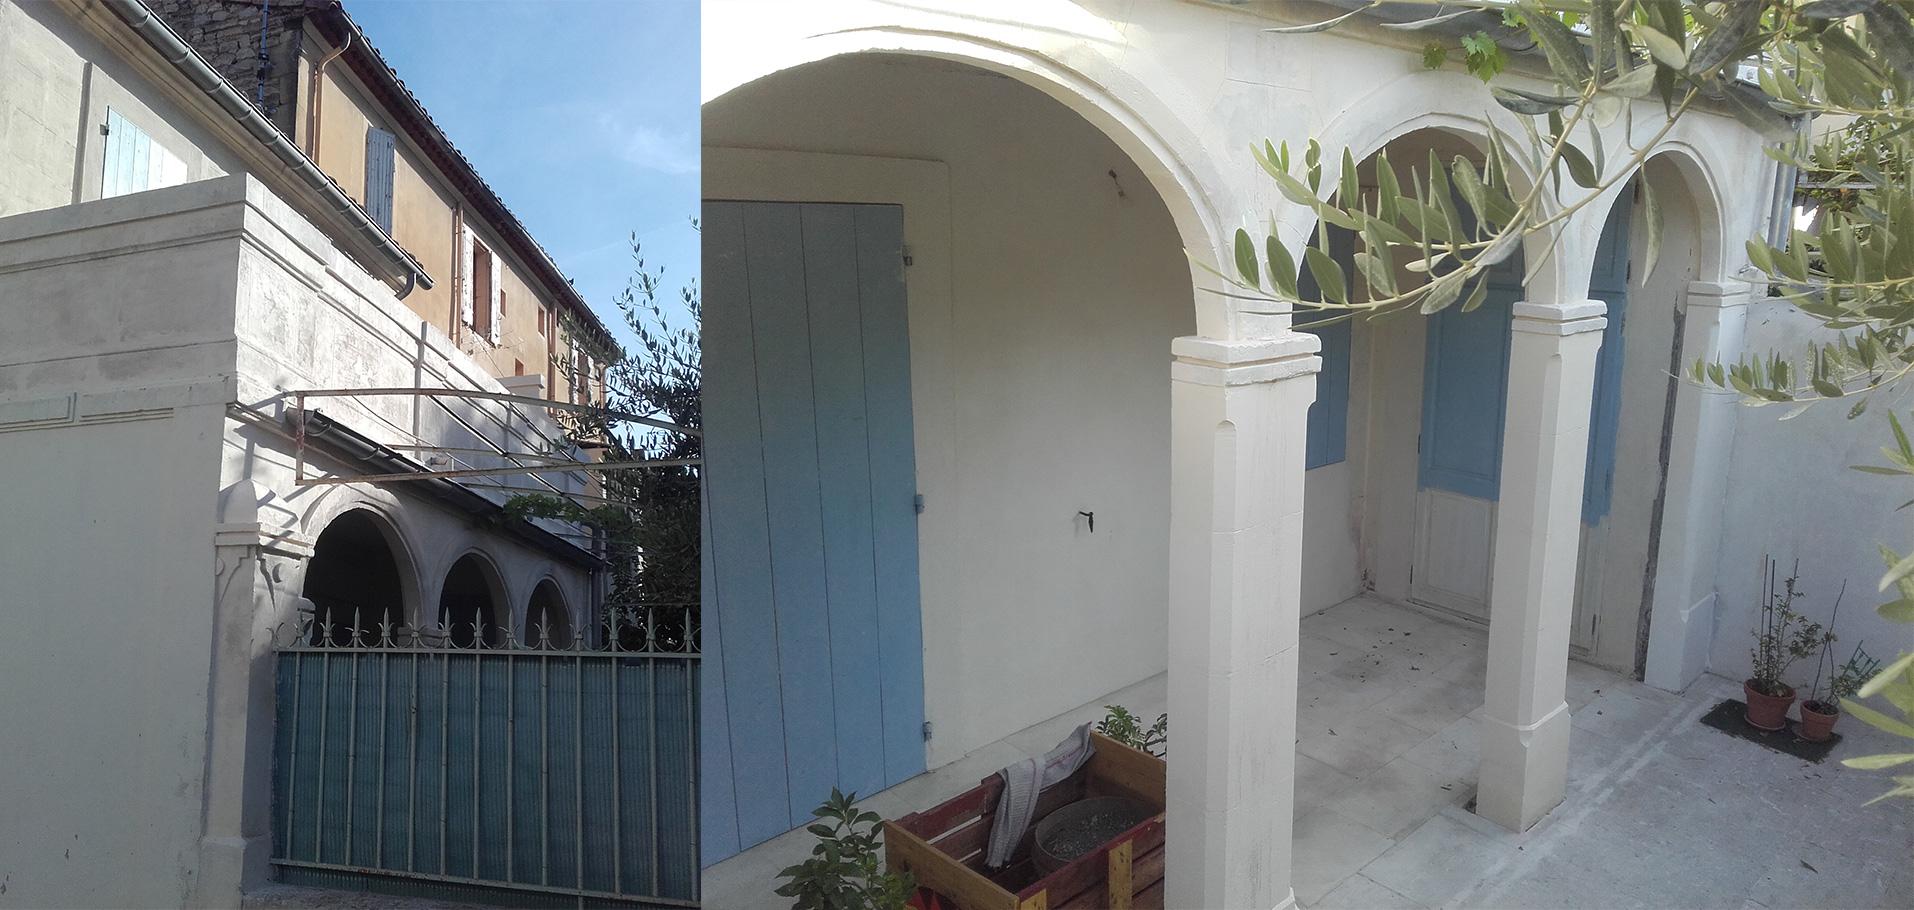 Restauration de 3 arcs en anses de panier et des pierres de couronnement de la terrasse